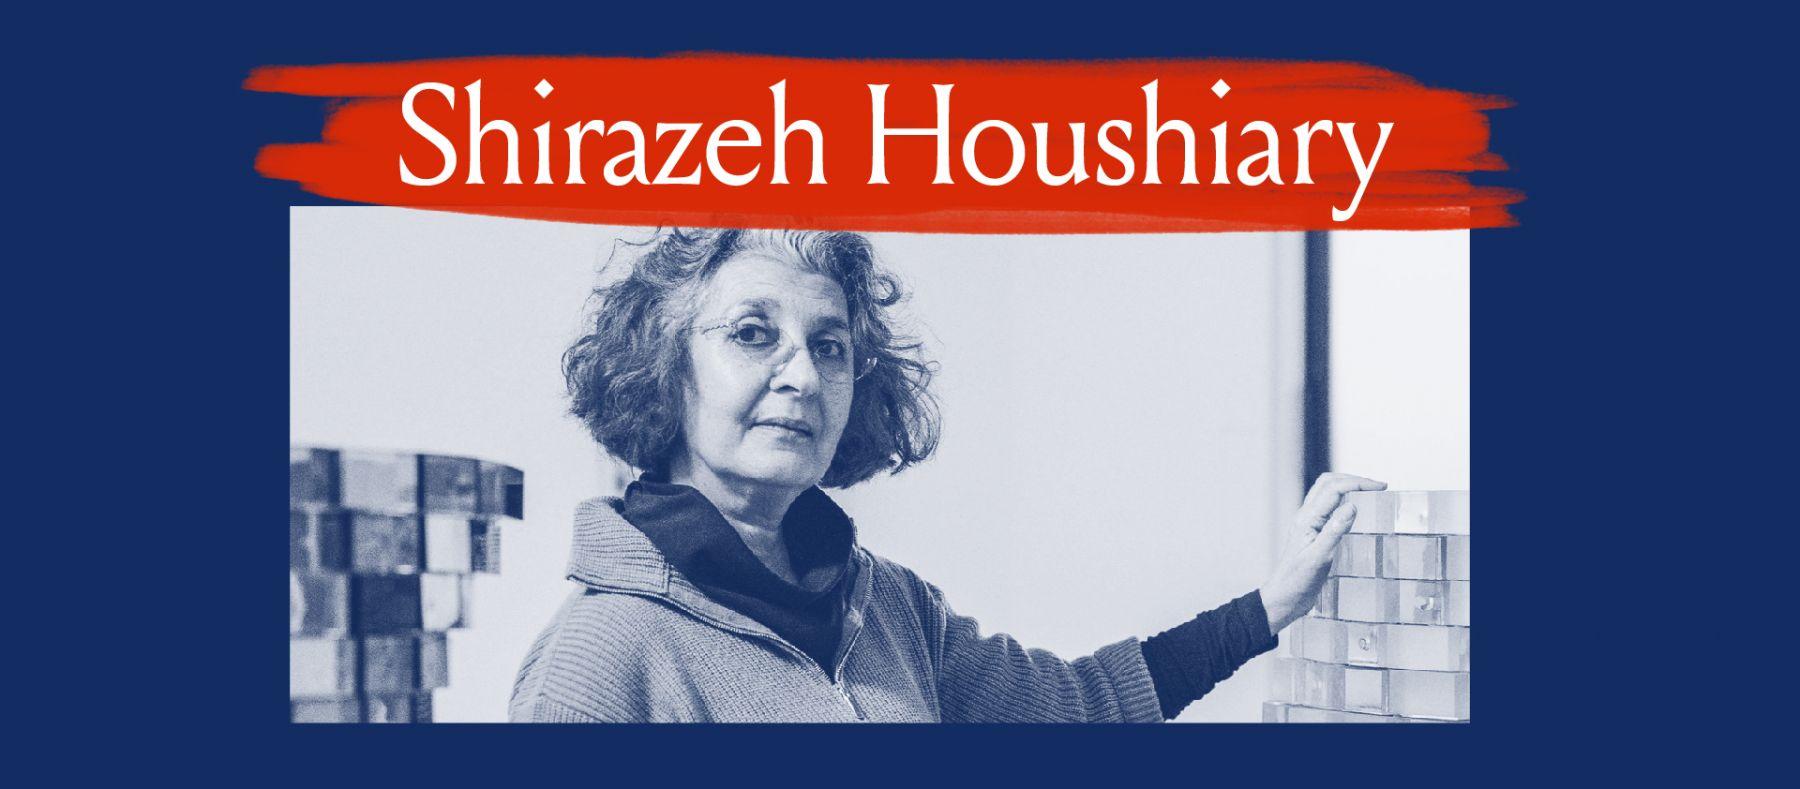 Shirazeh Houshiary Portrait Banner